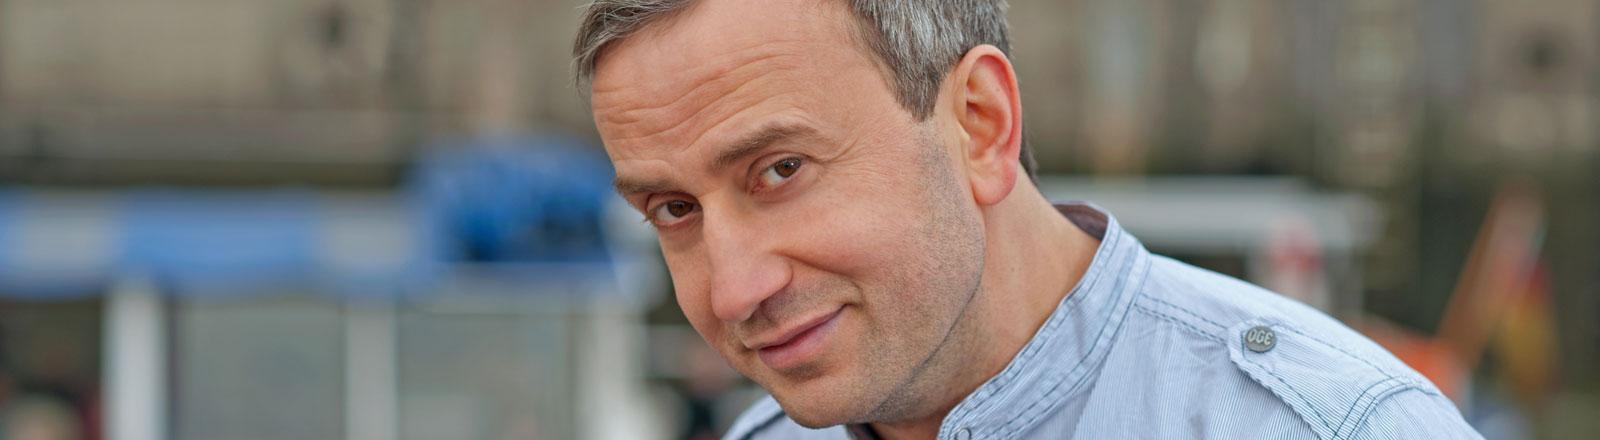 Der deutsch-türkische Kabarettist und Schriftsteller Kerim Pamuk